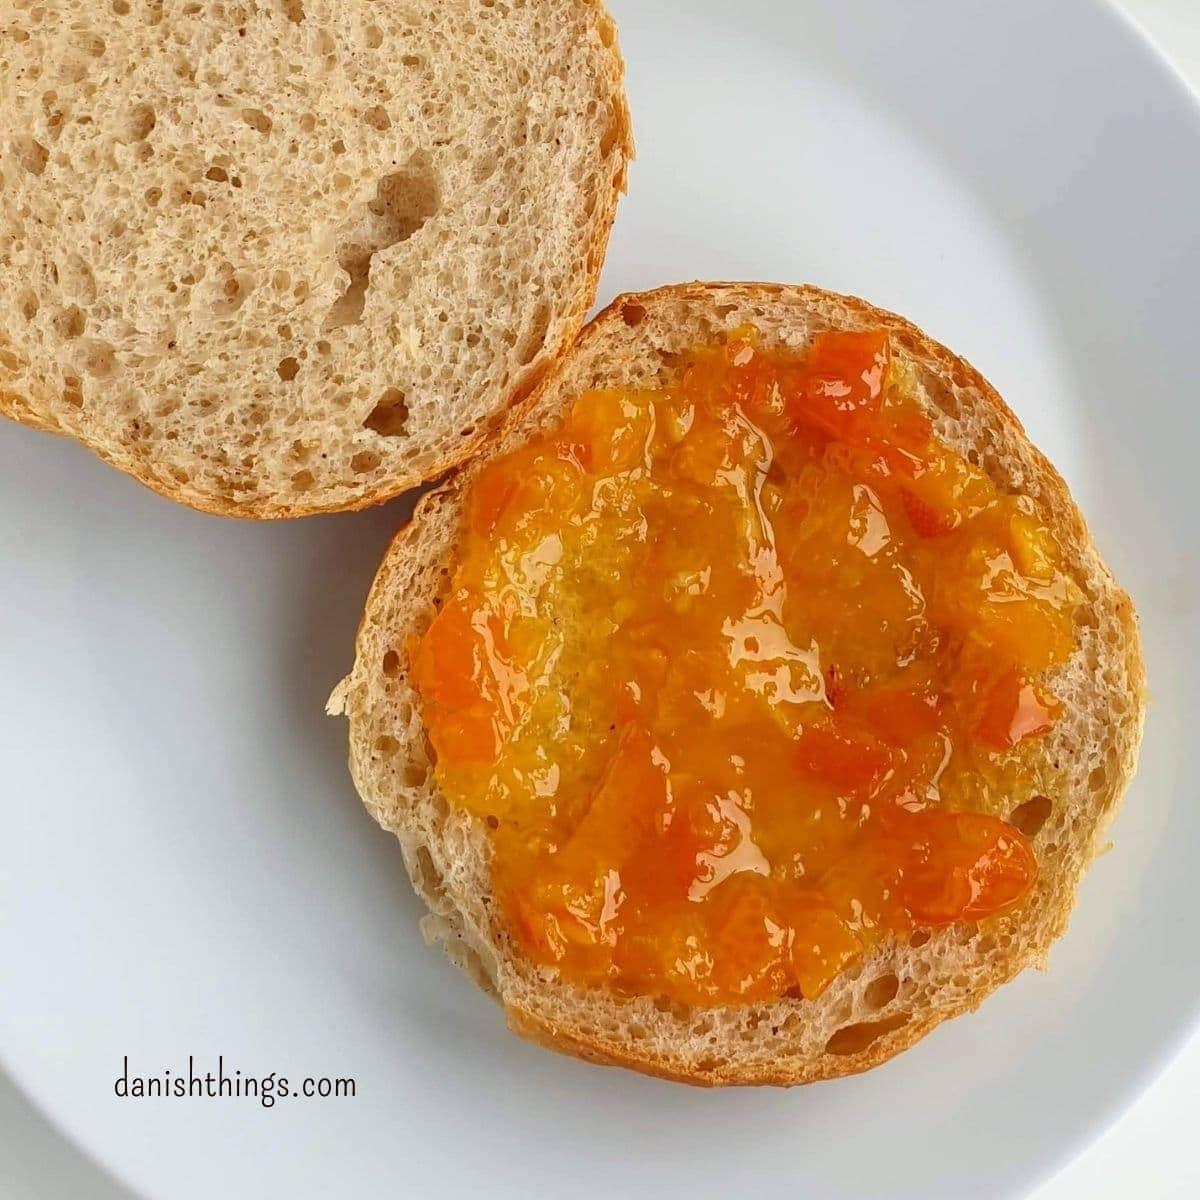 Sådan laver du nemt din egen appelsinmarmelade af økologiske eller usprøjtede appelsiner. Lav en sød appelsinmarmelade, en mere bitter orangemarmelade eller lav appelsinsyltetøj. Brug appelsinmarmeladen på brød og boller, eller i dine kager, desserter, gule boller... Find opskrifter, gratis print og inspiration til årets gang på danishthings.com #DanishThings #appelsin #appelsinmarmelade #orange #orangemarmelade #bitter #sød #marmelade #syltetøj #sukkersyltet